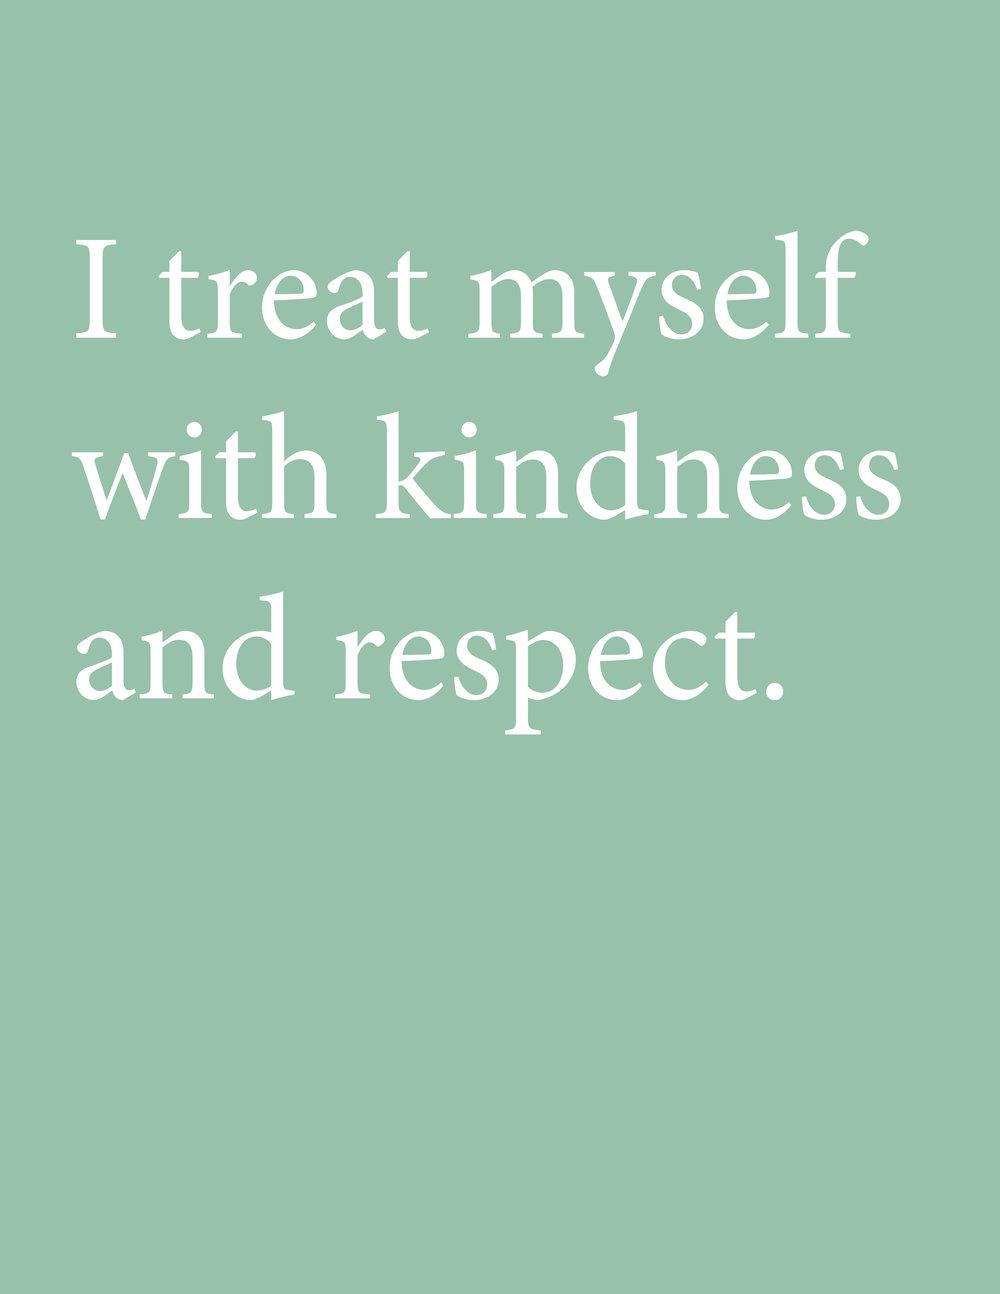 quotes-kindnessandrespect.jpg